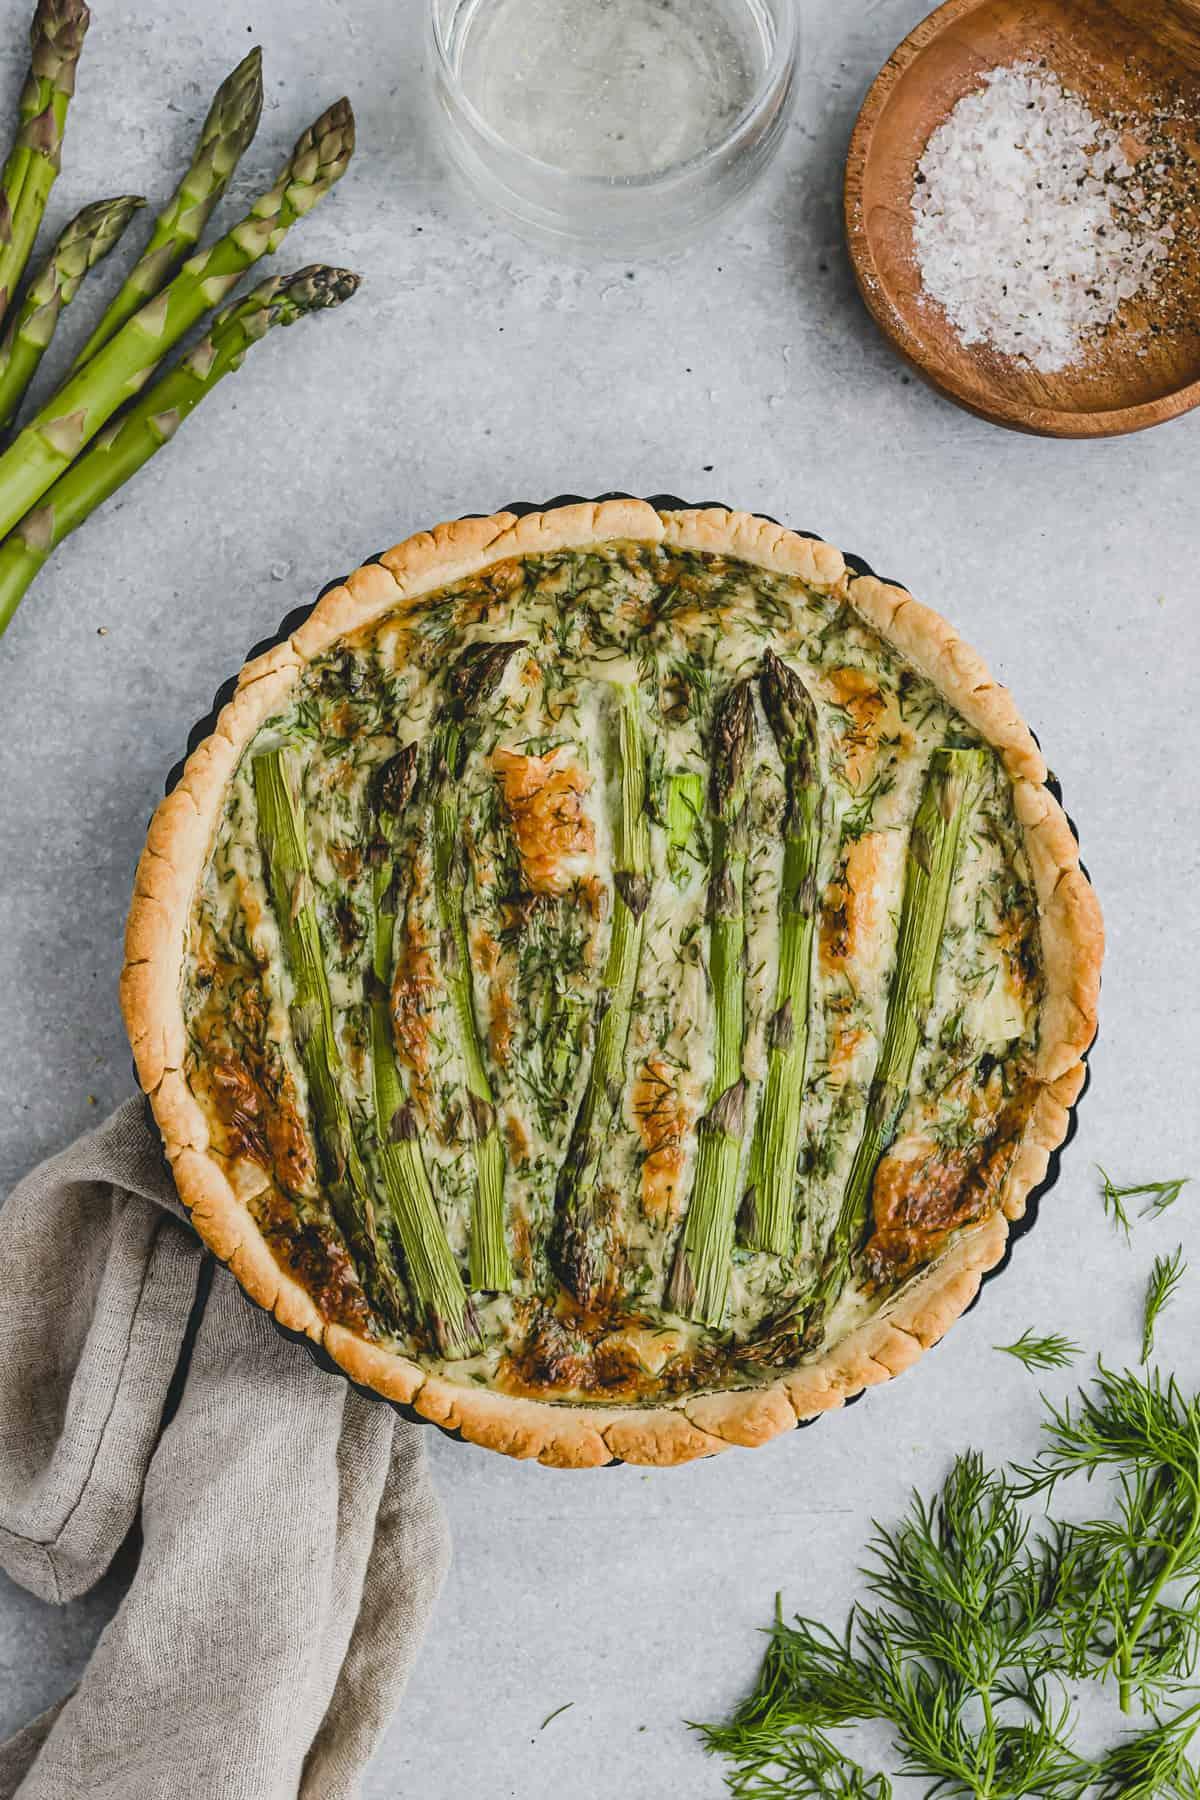 asparagus quiche in a tart pan next to green asparagus